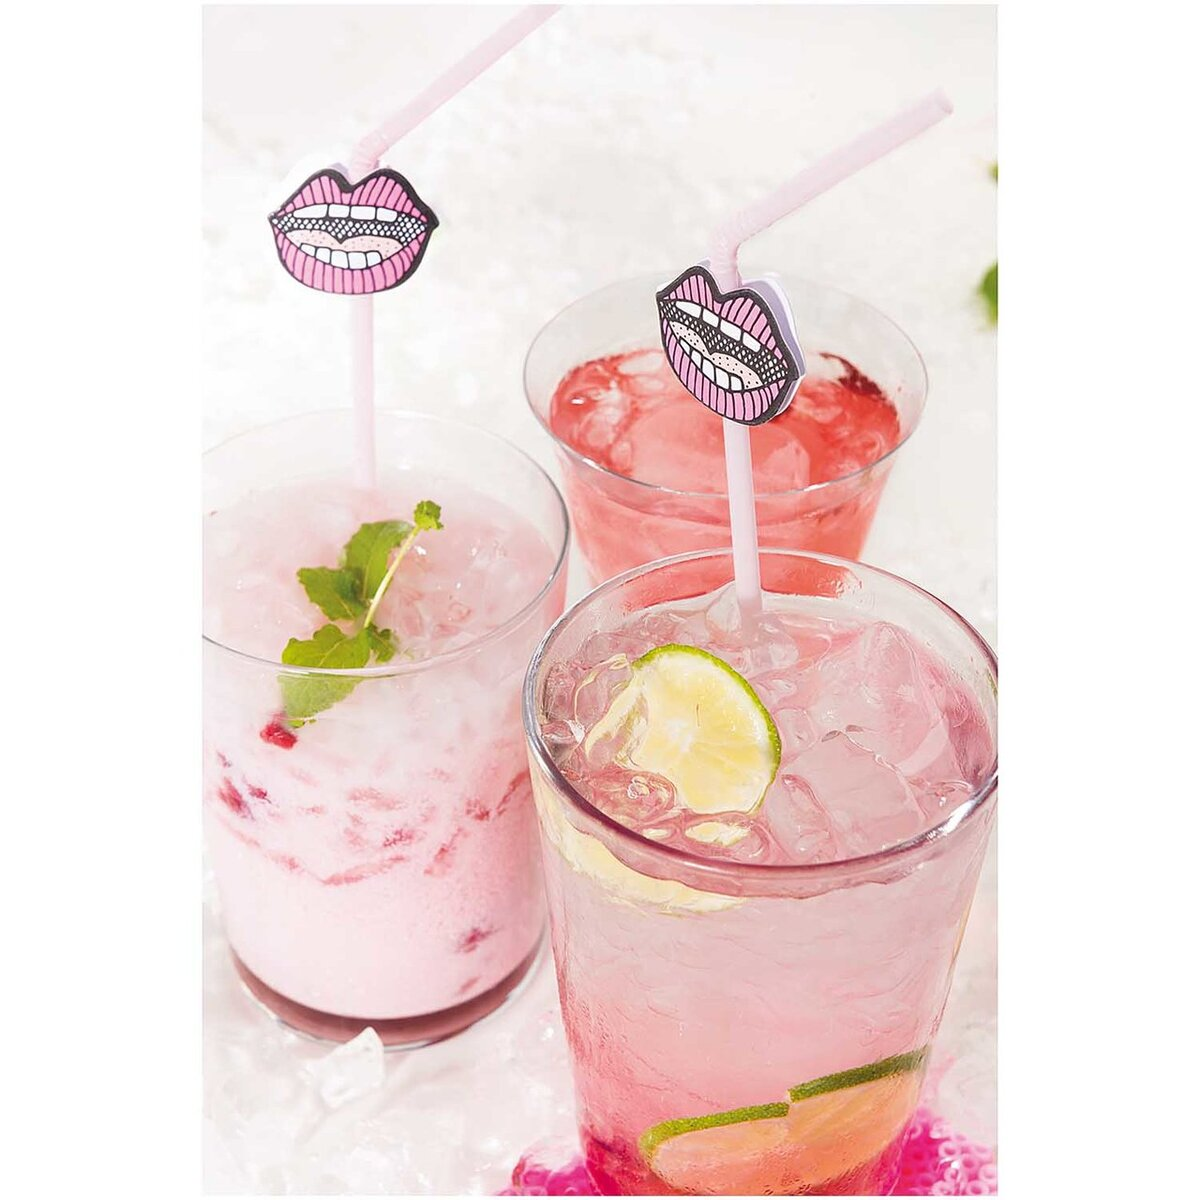 Bild 4 von YEY! Let's Party Strohhalm Mund pink 24 Stück